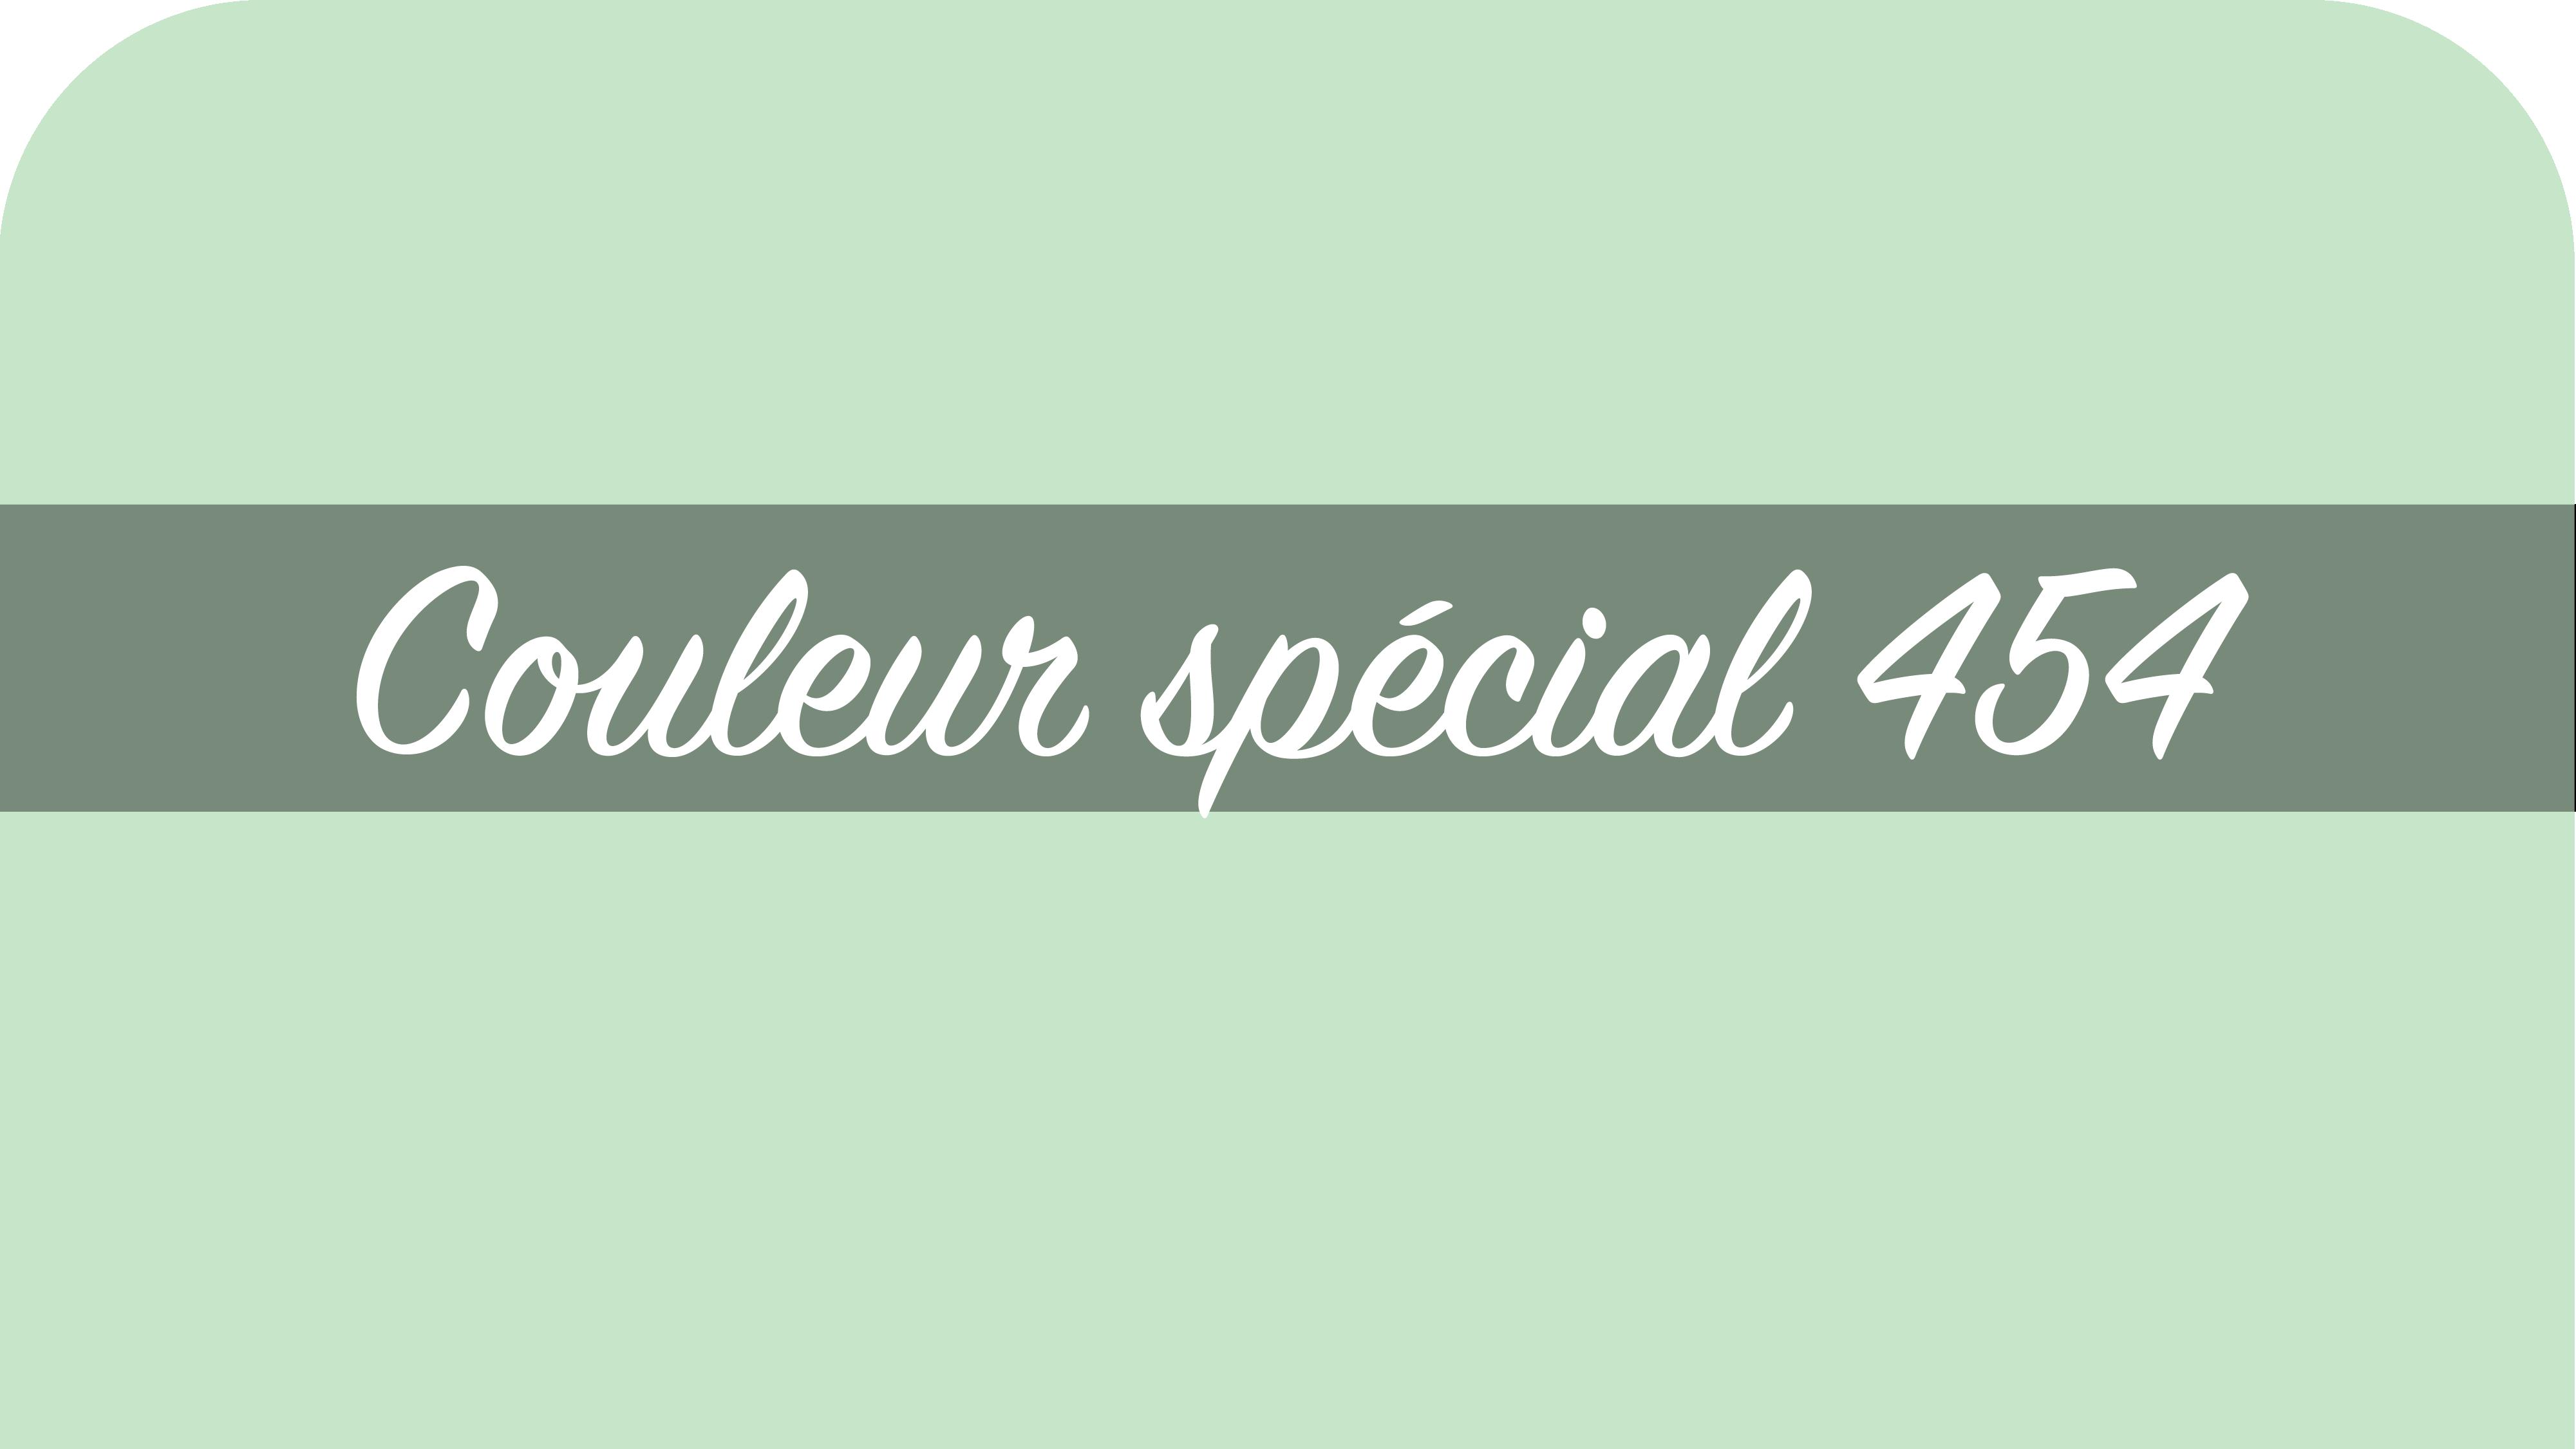 couleur-special-454